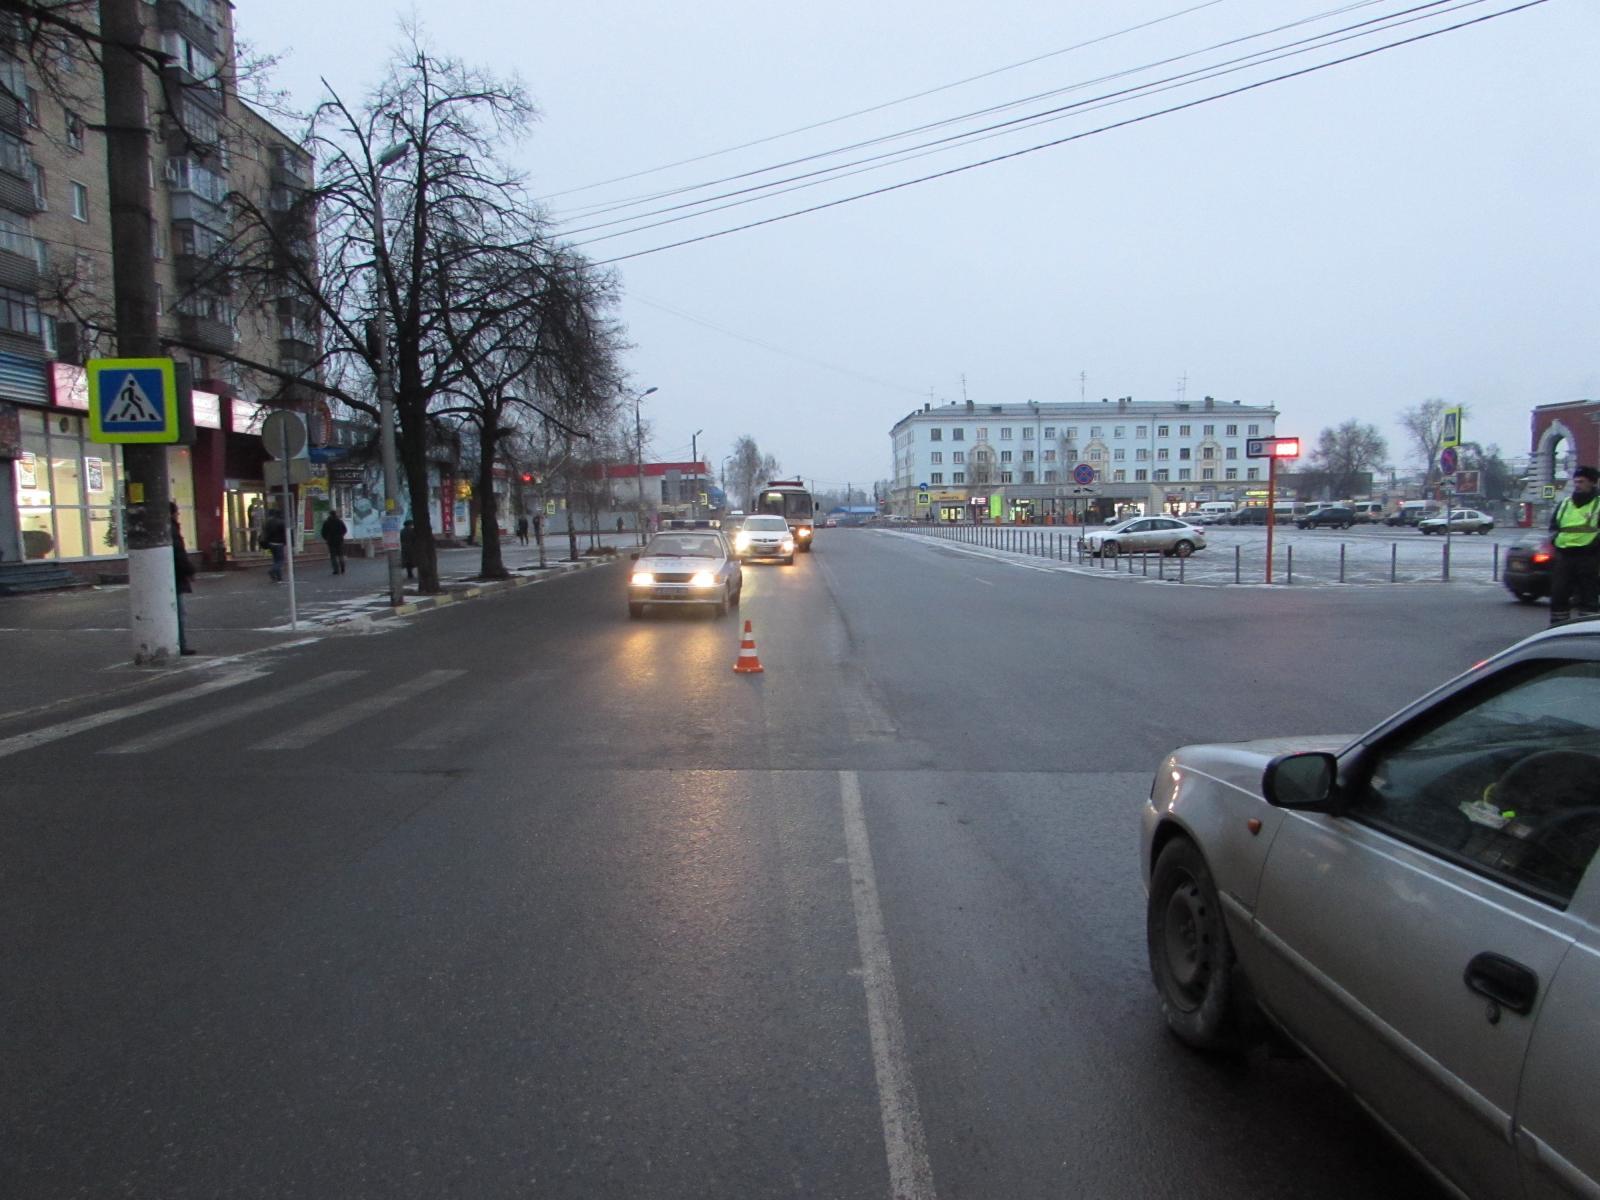 ВКурске ищут водителя, сбившего втемноте 59-летнего пешехода напереходе